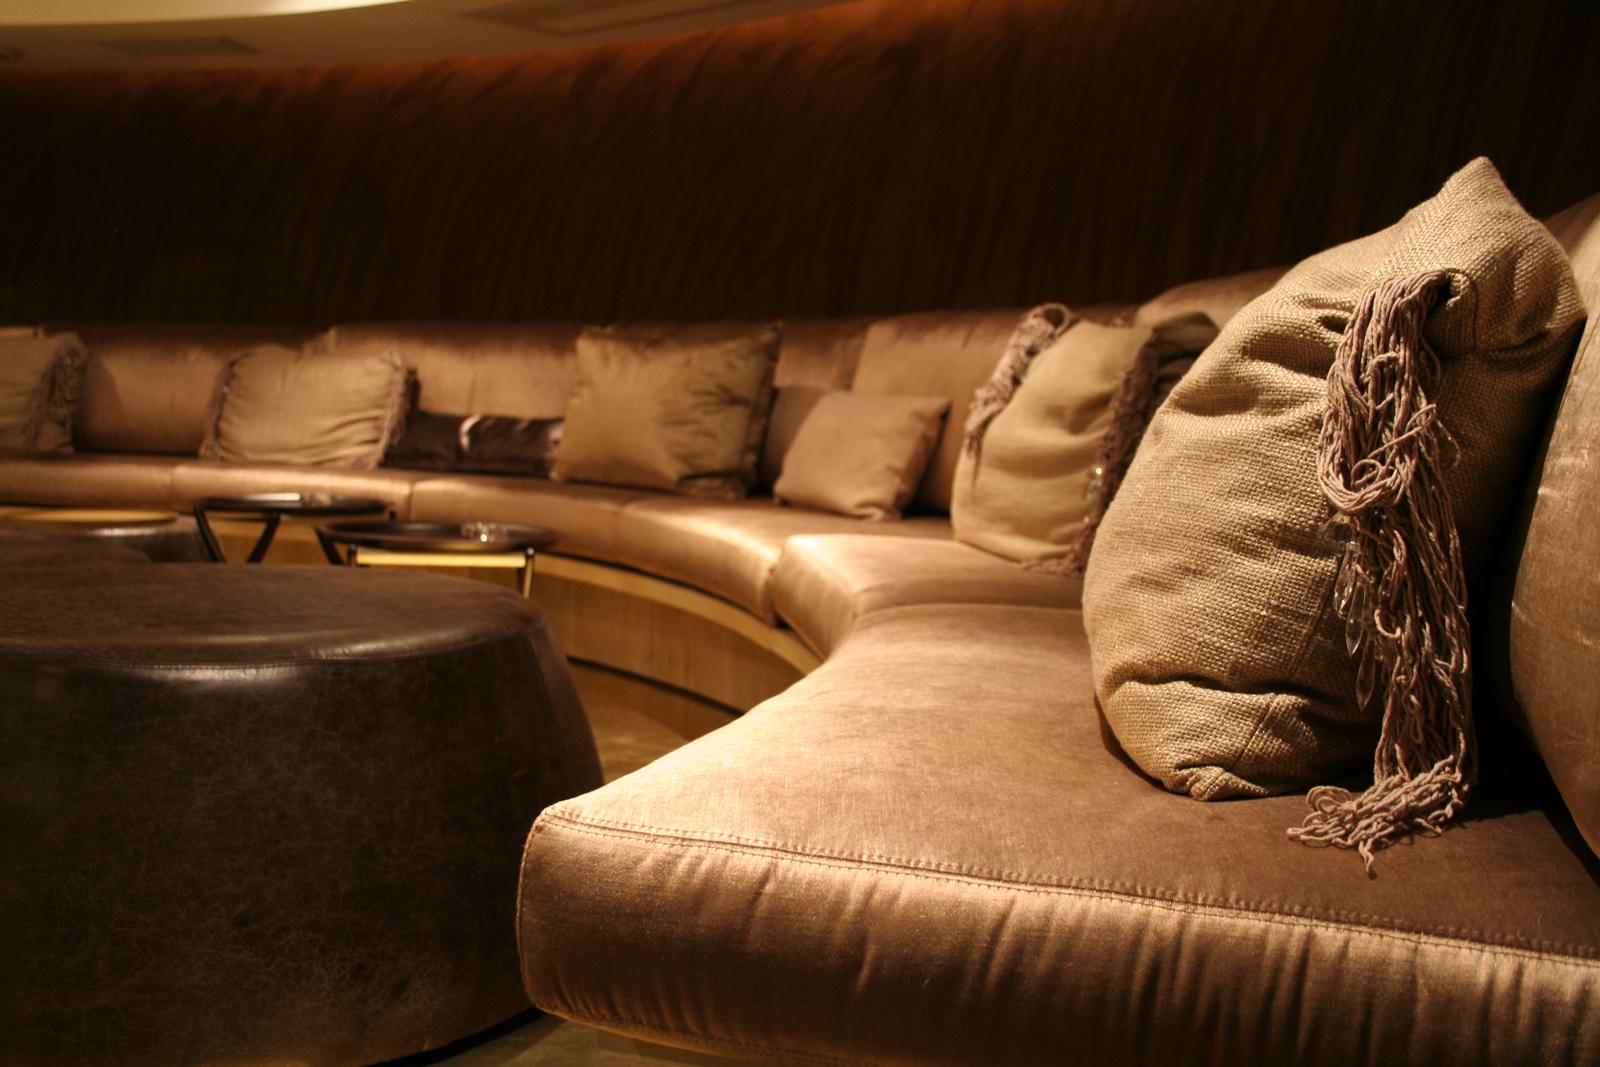 D4_furniture-280.jpg